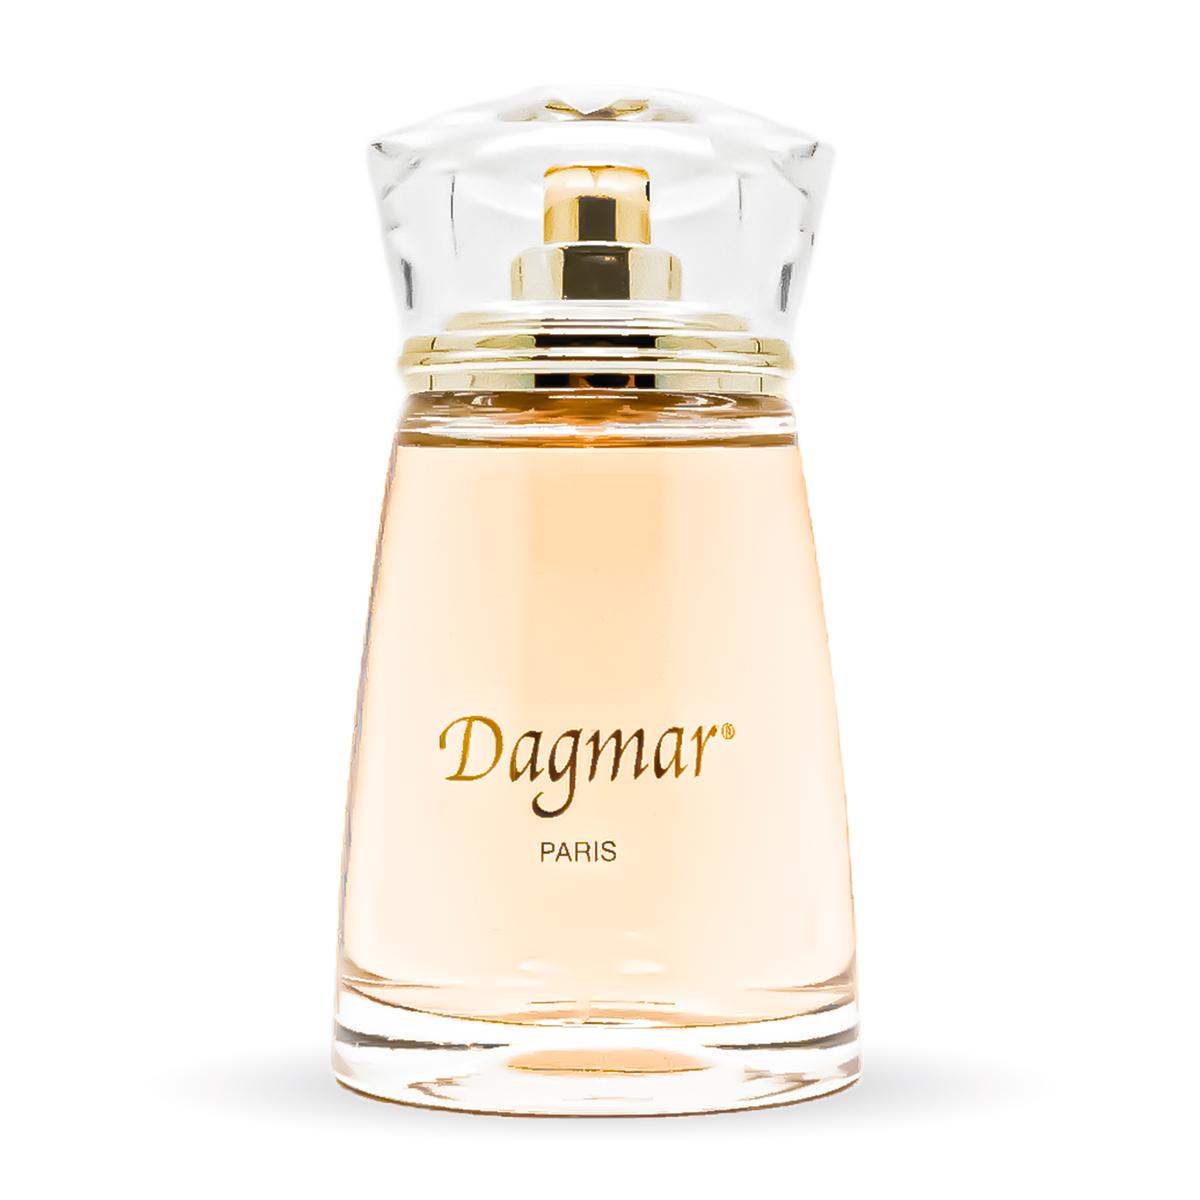 Perfume Dagmar Feminino Edp 100ml Paris Bleu